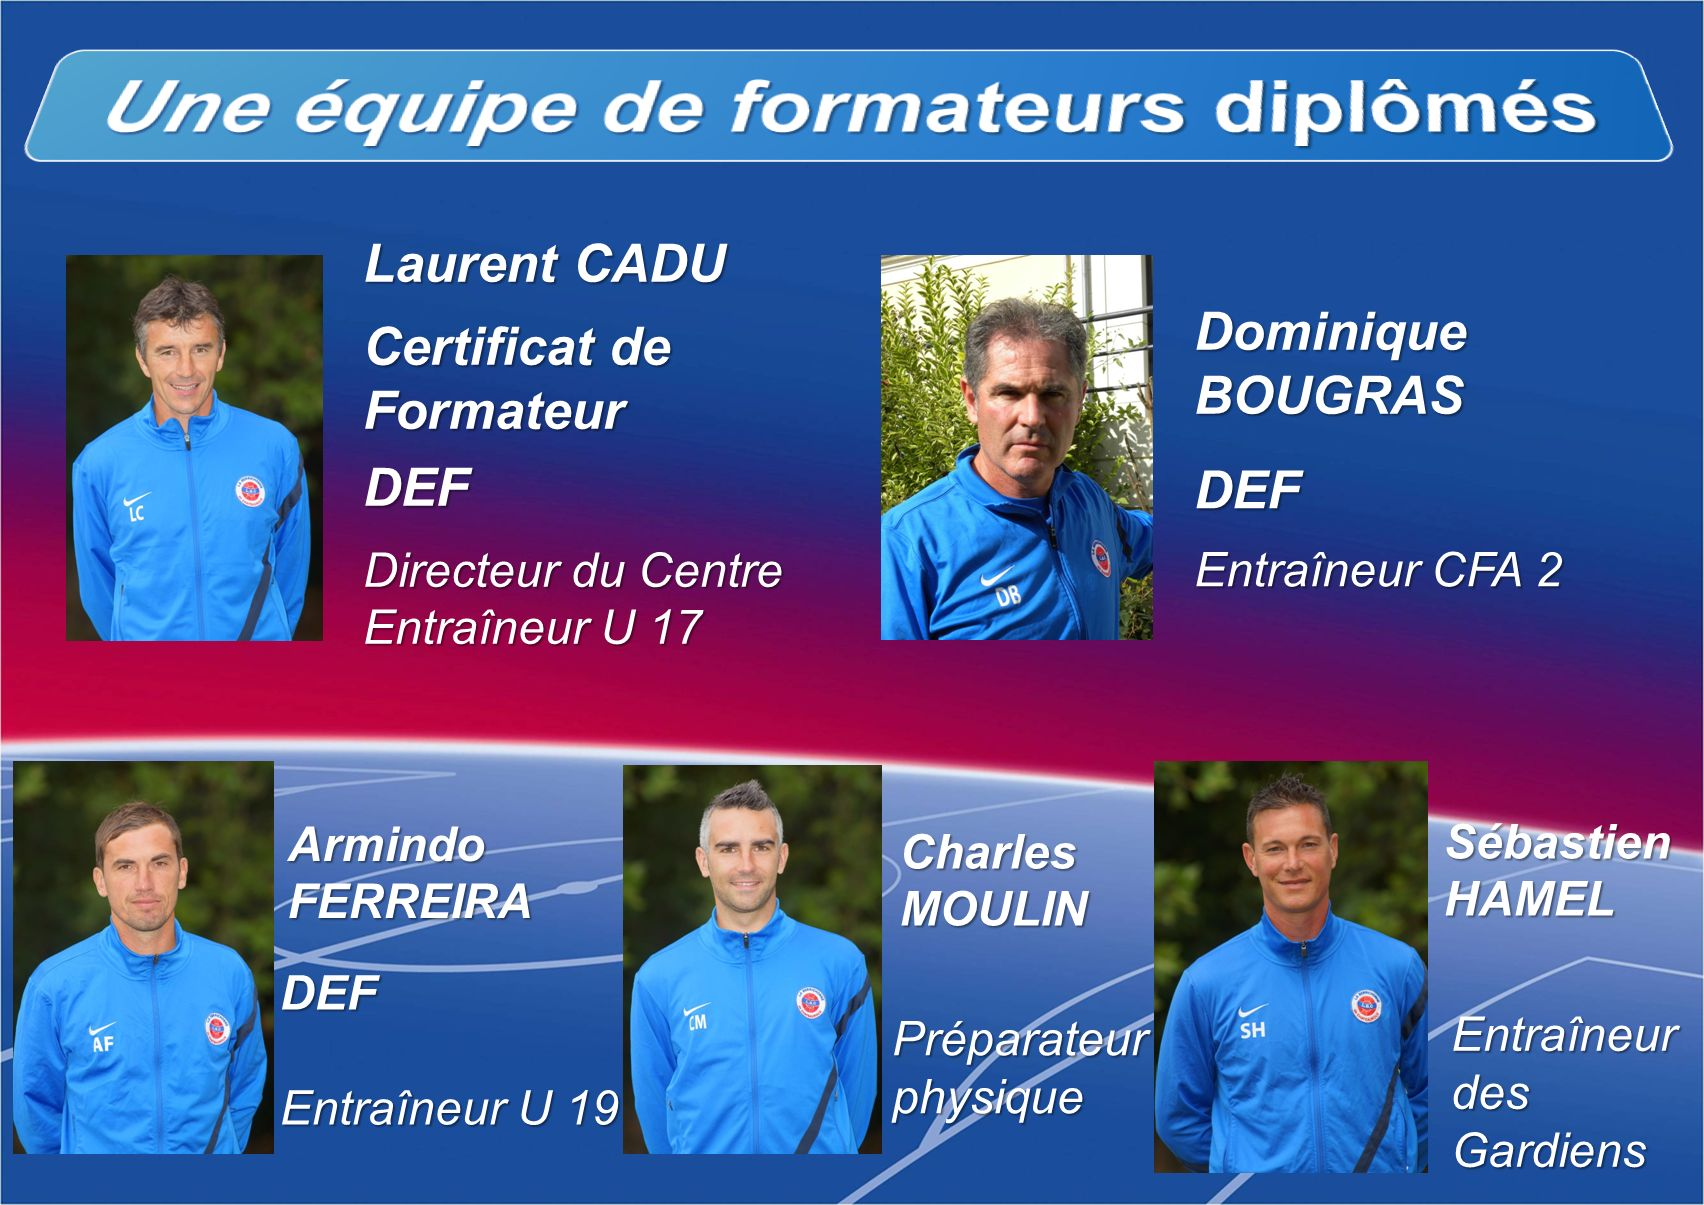 Préparateur physique DEF Entraîneur U 19 Laurent CADU DEF Entraîneur CFA 2 Certificat de Formateur DEF Directeur du Centre Entraîneur U 17 DominiqueBO